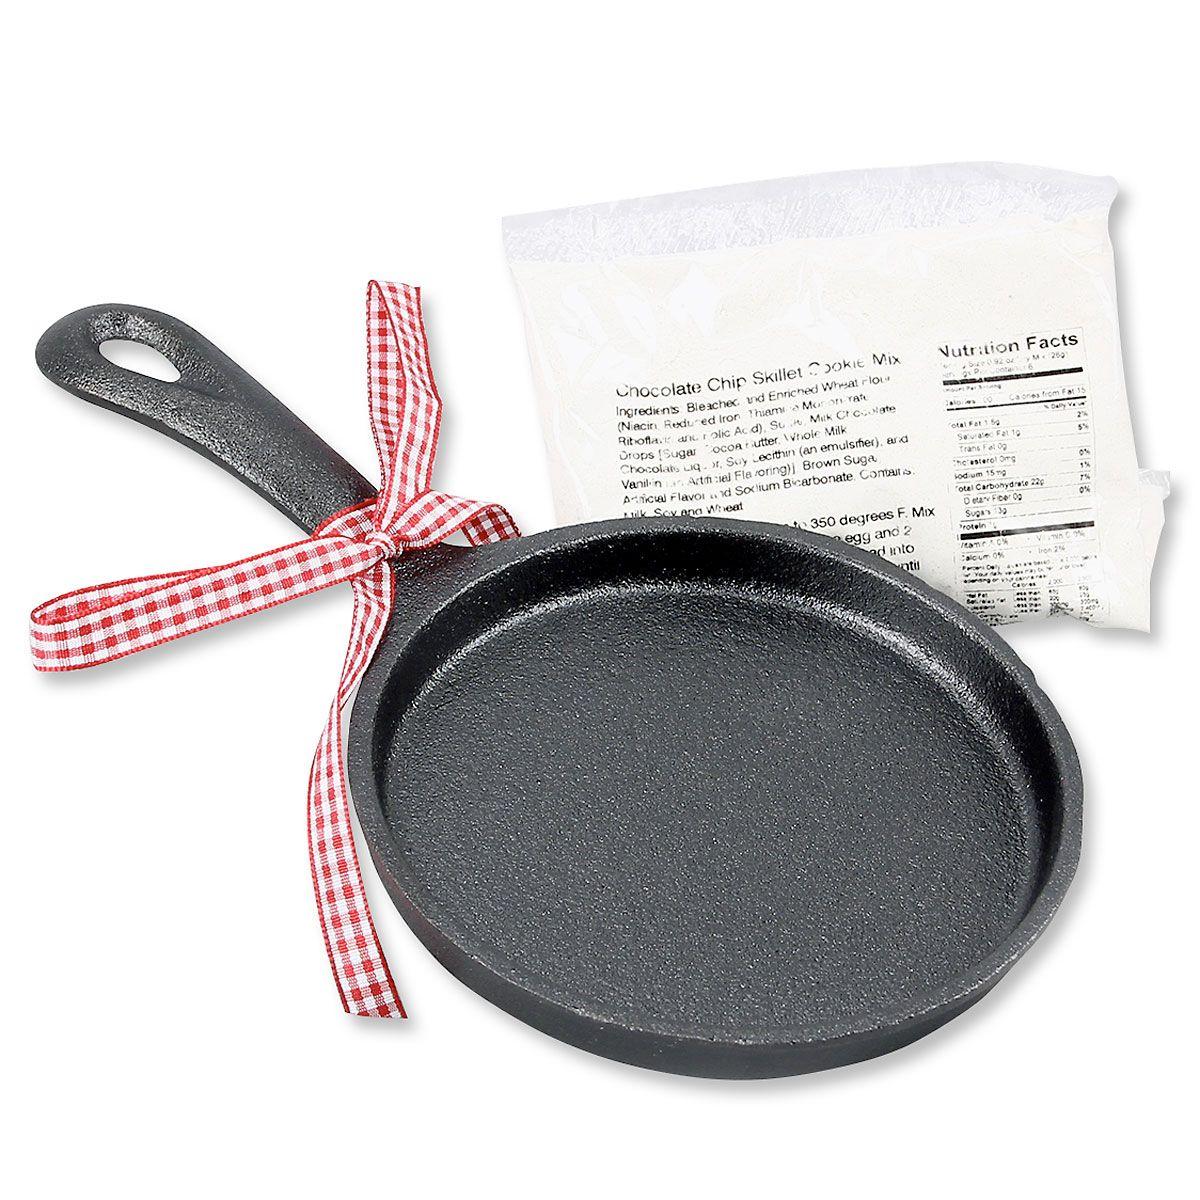 Bake-In Skillet - Cookie